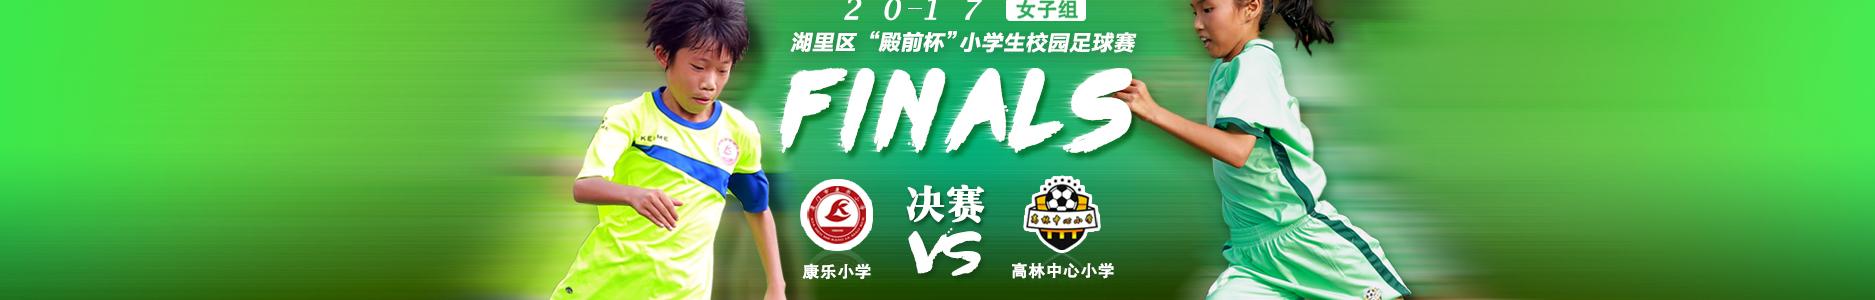 校园足球联盟 banner